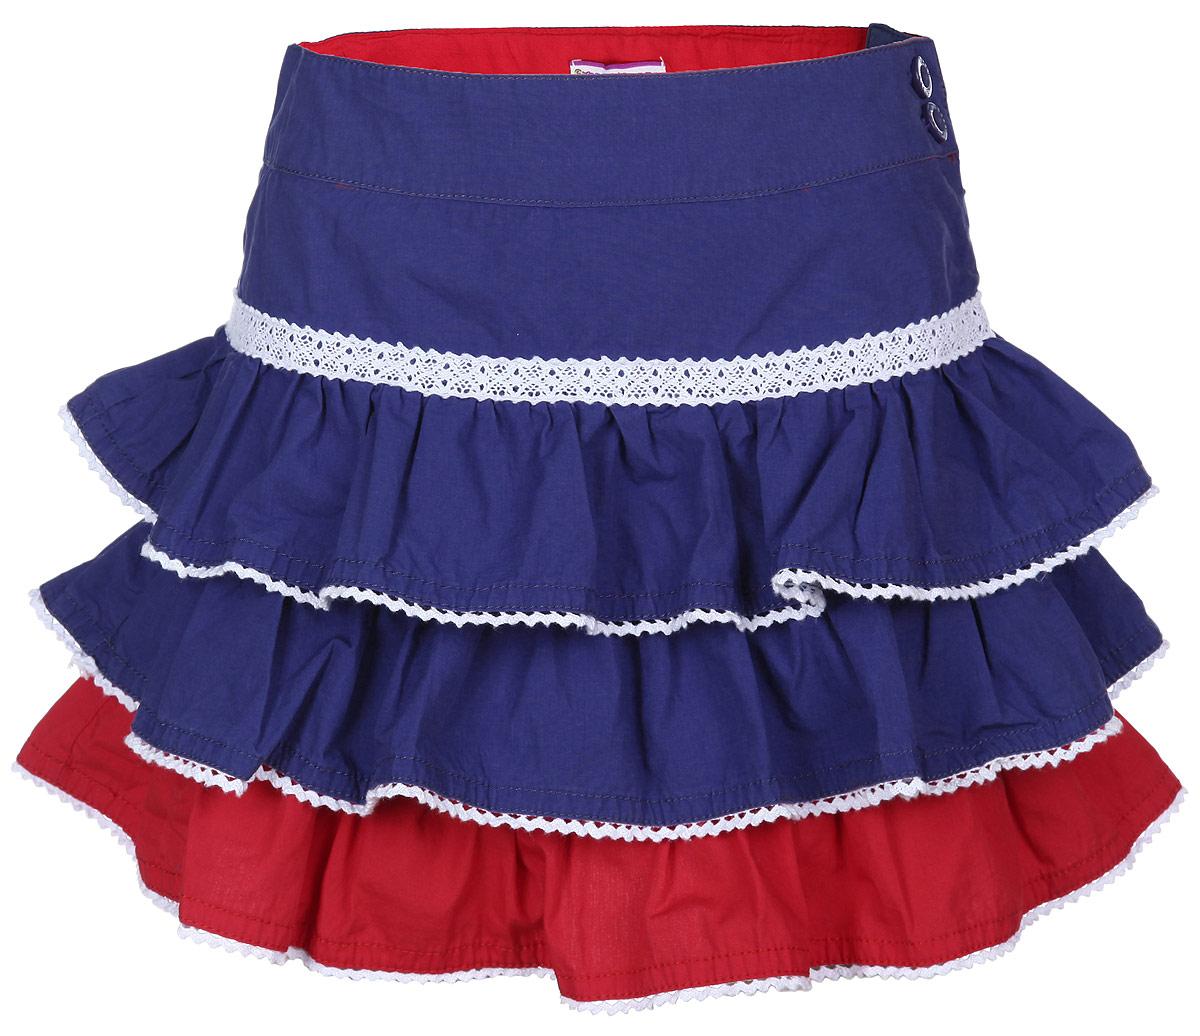 195564Юбка для девочки Sweet Berry подойдет вашей маленькой моднице и станет отличным дополнением к ее гардеробу. Изготовленная из натурального хлопка, она мягкая и приятная на ощупь, не сковывает движения и позволяет коже дышать. Модель на поясе имеет широкую трикотажную резинку и застегивается сбоку на молнию и две пуговицы в поясе. Юбка на кокетке дополнена двойной оборкой с рюшами, обработанными ажурной тесьмой. В такой юбочке ваша маленькая принцесса будет чувствовать себя комфортно, уютно и всегда будет в центре внимания!